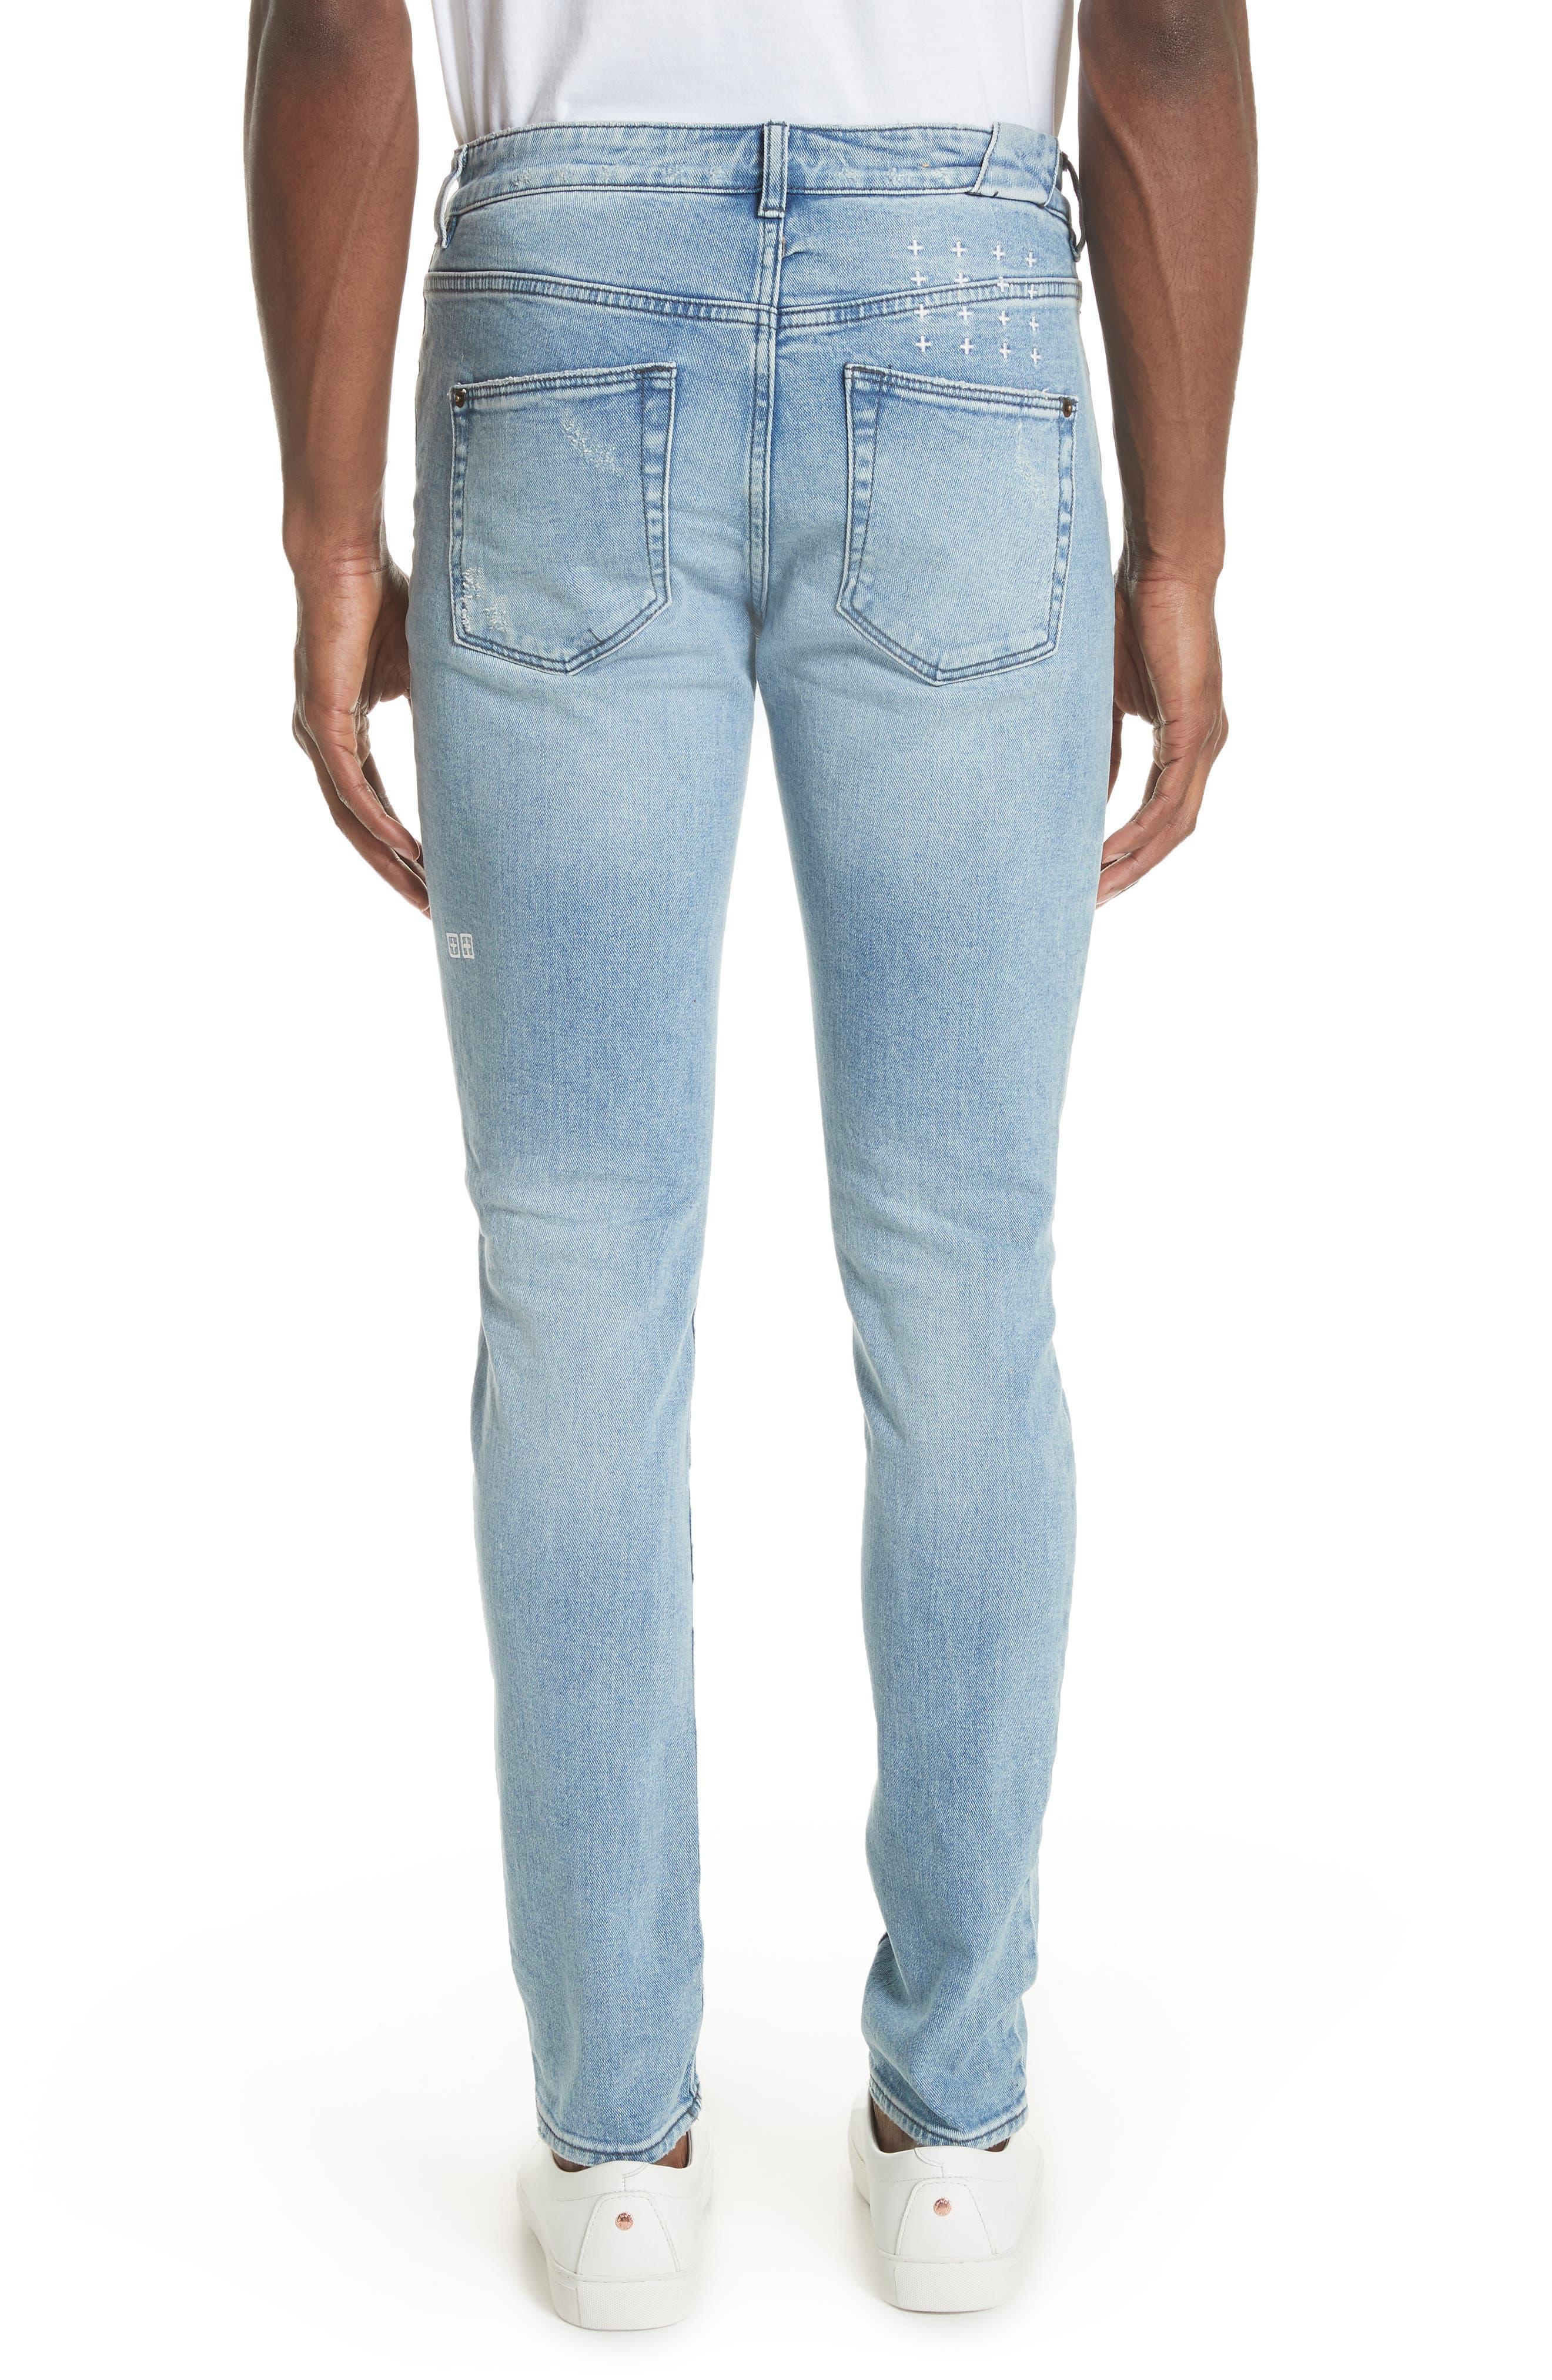 0f3ee55aba61 rocker jeans   Nordstrom